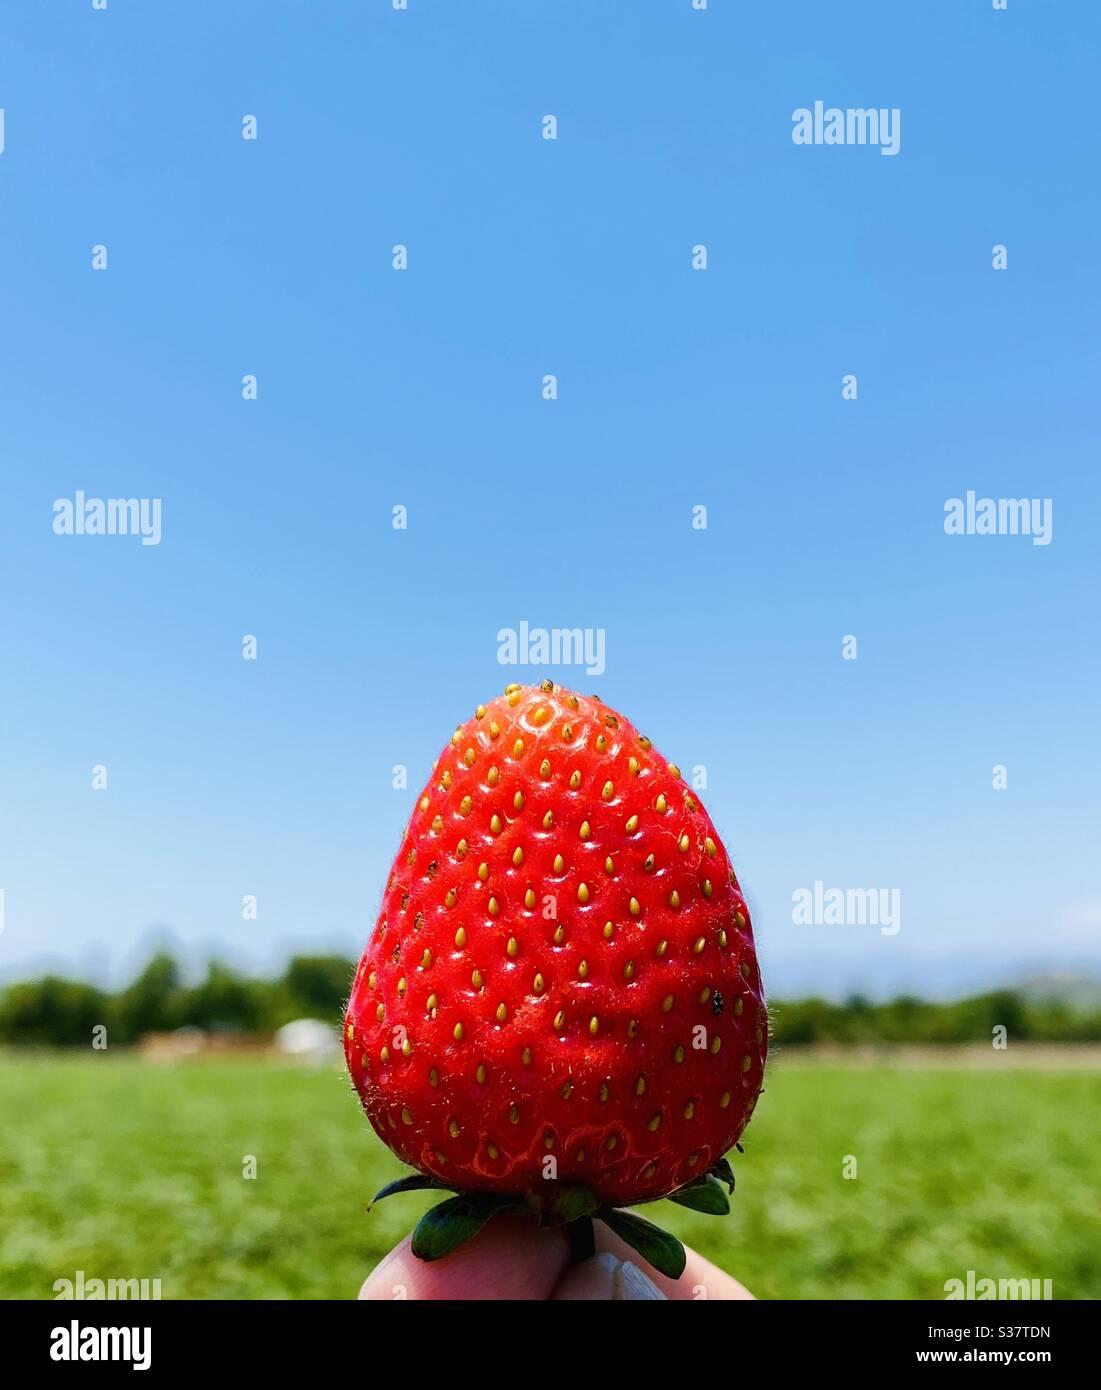 Une personne tenant une fraise fraîchement cueillies. Moorpark, Californie, États-Unis. Banque D'Images